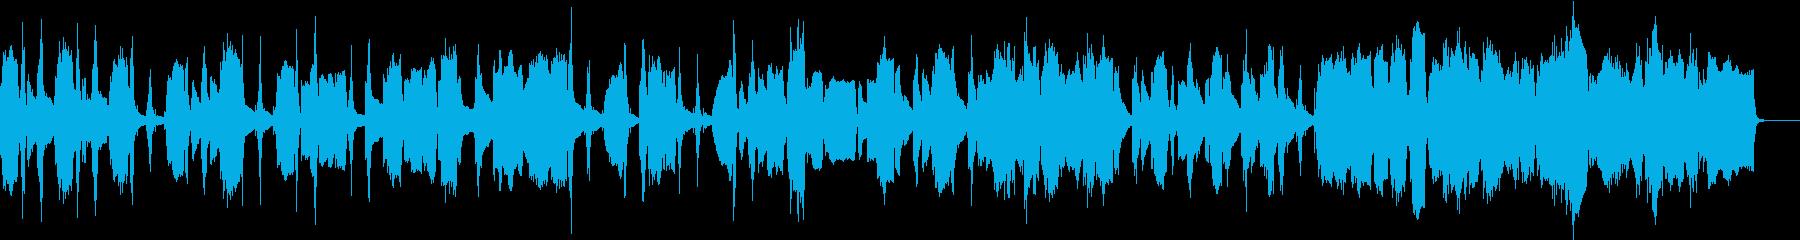 ピアノ旋律が美しいロマン派風ワルツの再生済みの波形